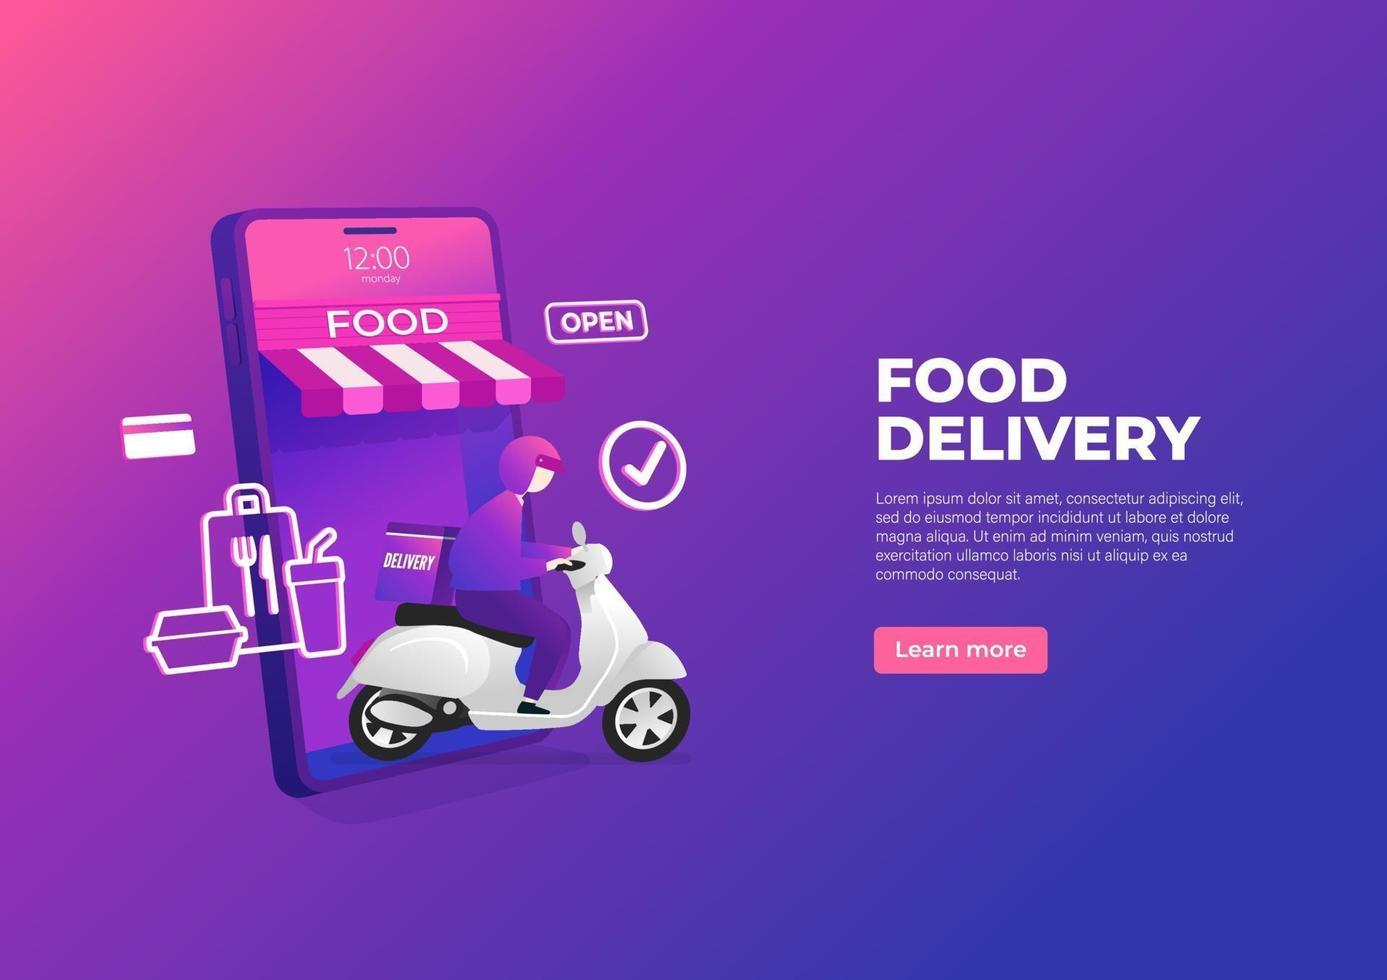 Lebensmittel-Lieferservice per Roller auf Handy-Banner. online Essen auf einem Smartphone bestellen. vektor